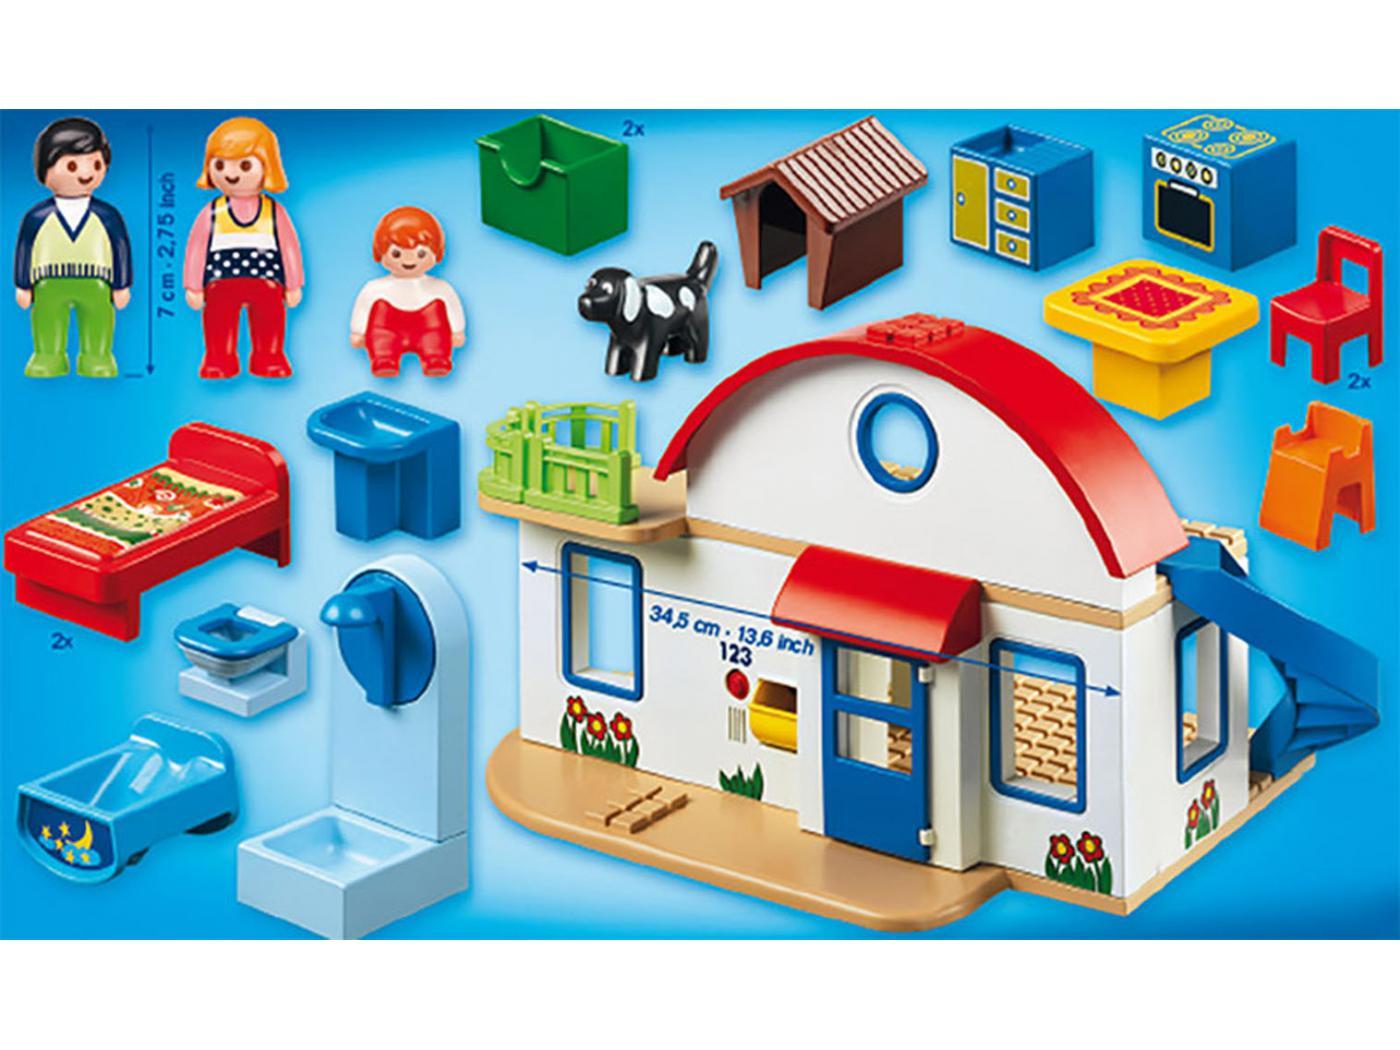 Playmobil maison de ville playmobil maison de ville - Camping car playmobil pas cher ...